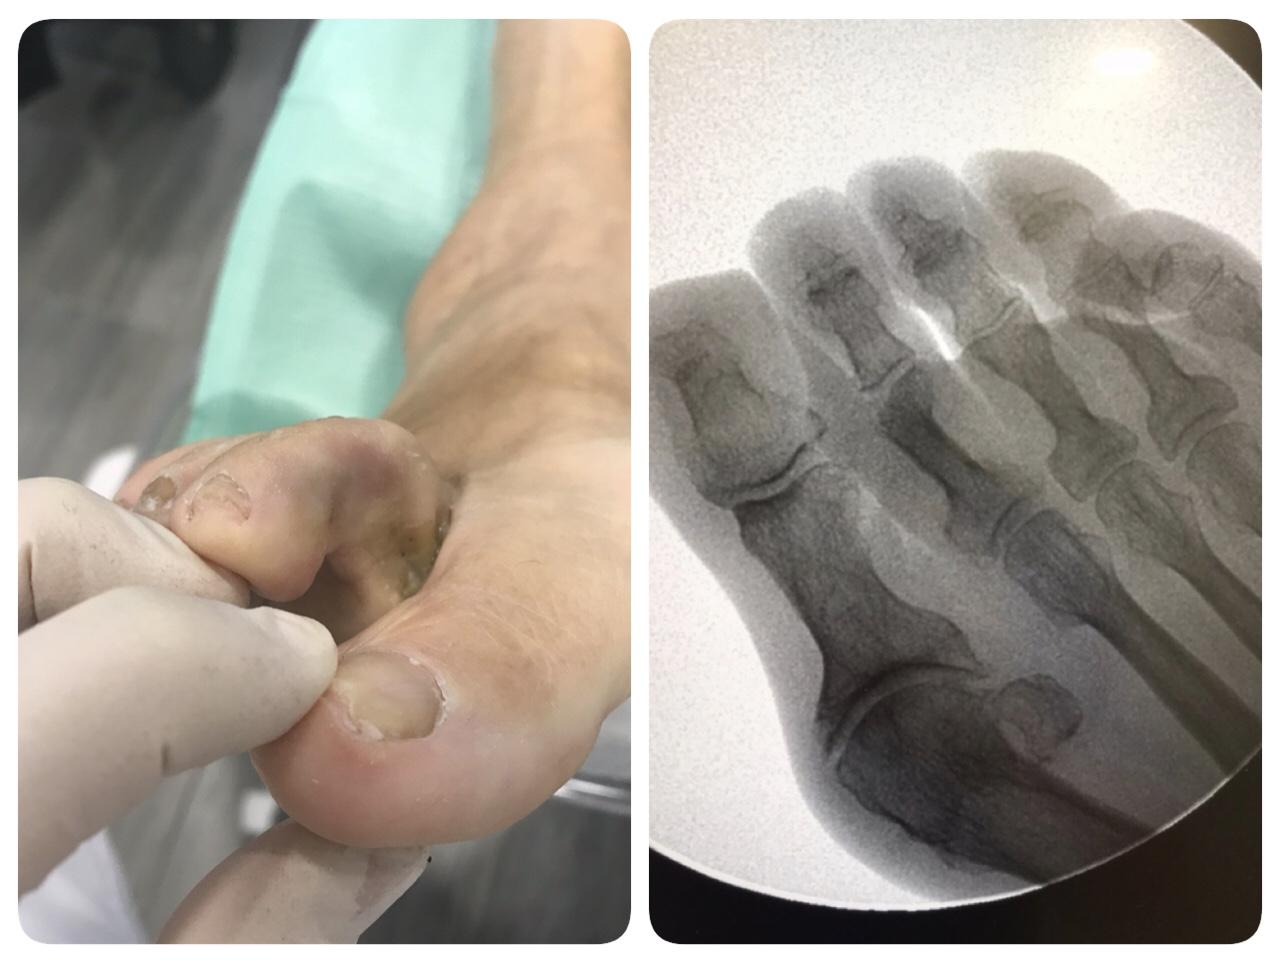 Cirugía ambulatoria del pié Sant Boi de llobregat Barcelona